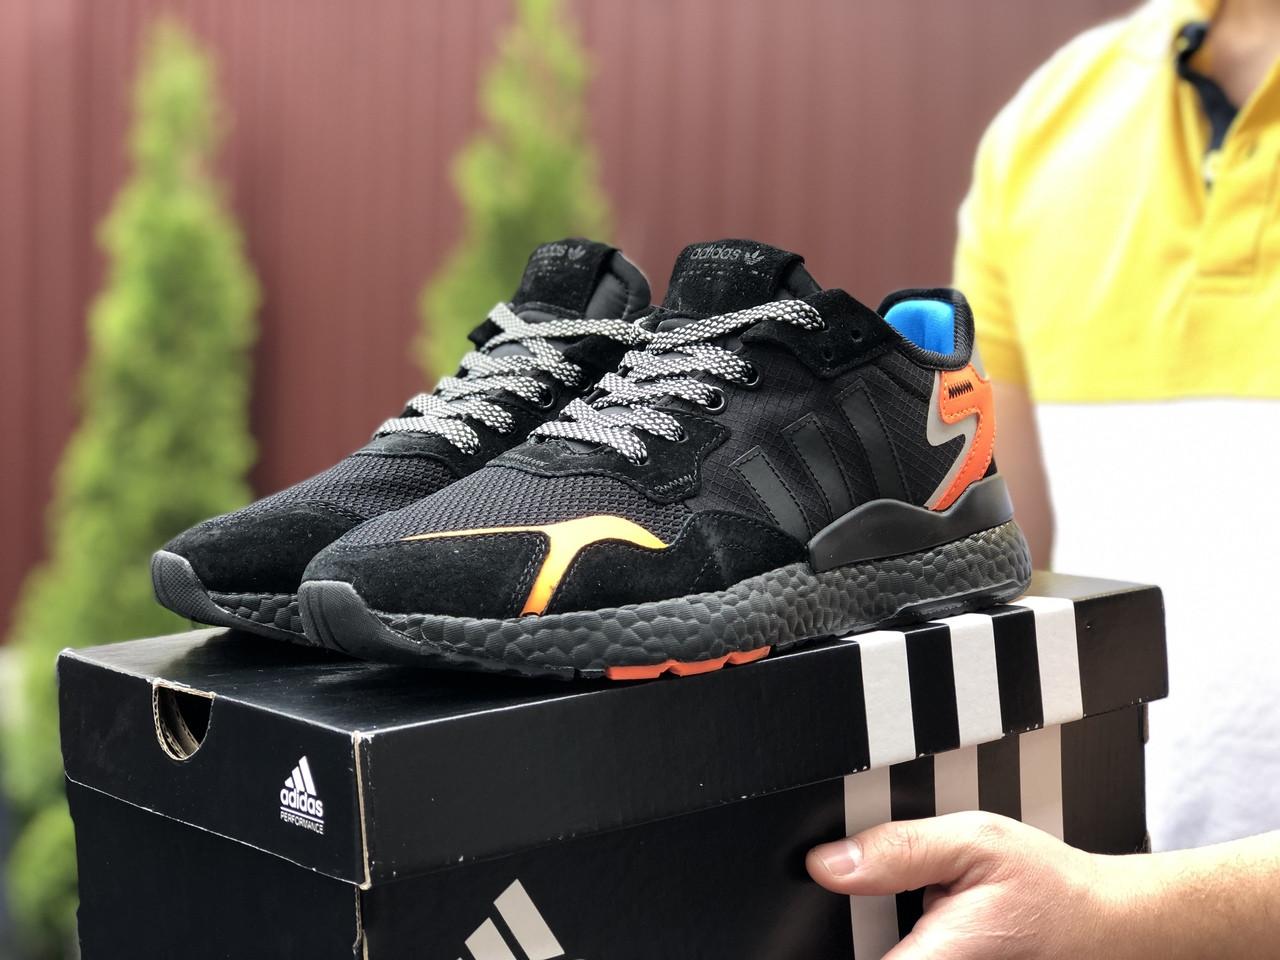 Мужские кроссовки Adidas Nite Jogger Boost 3M,черные с оранжевым